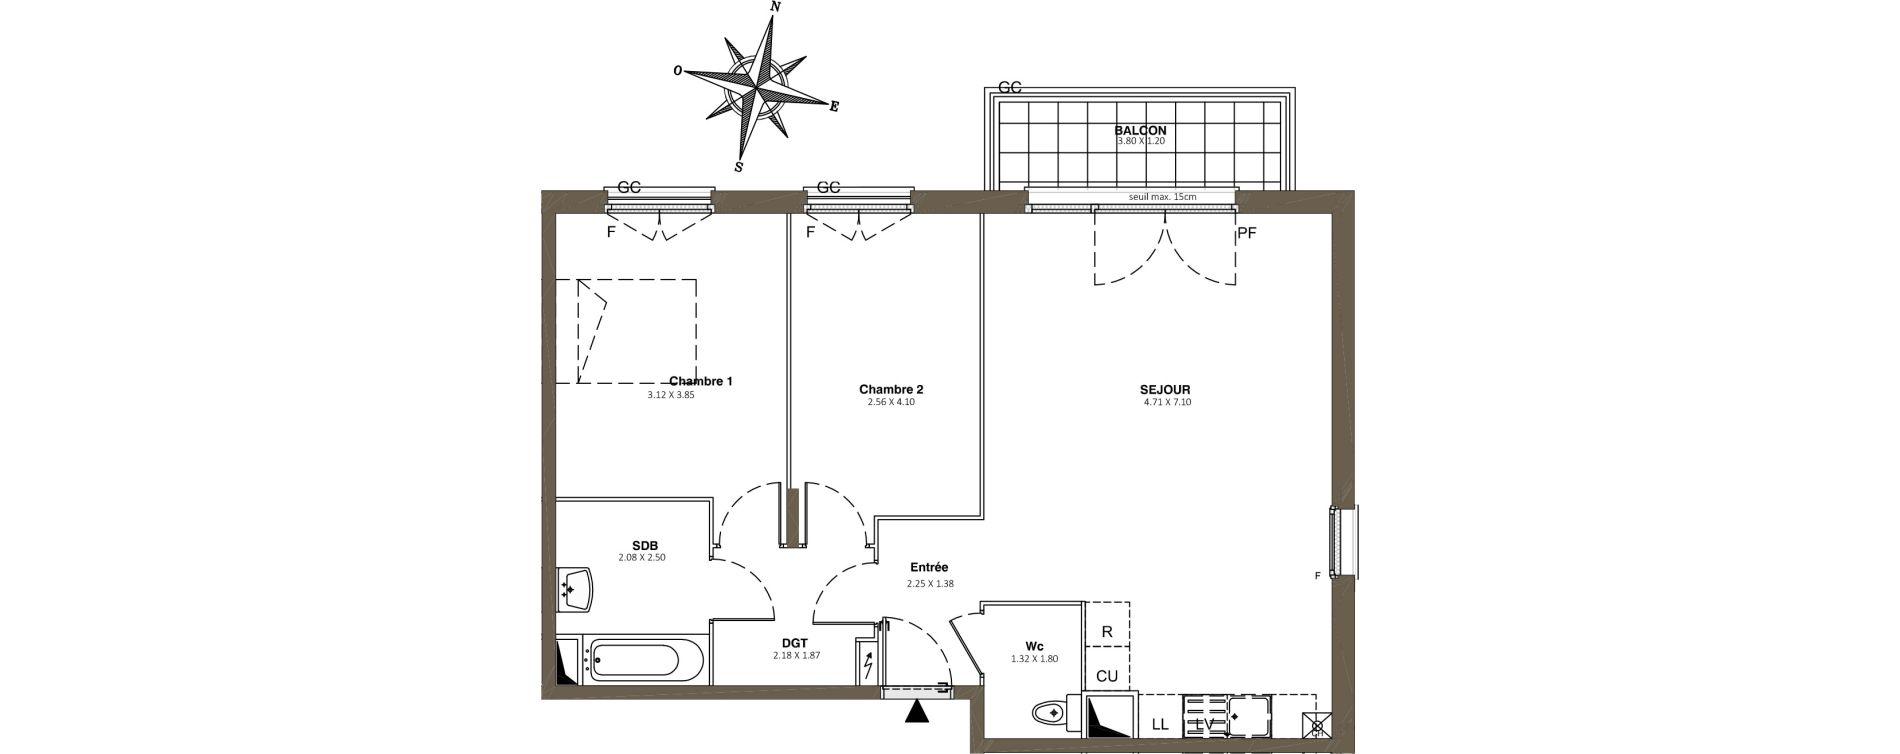 Appartement T3 de 68,06 m2 à Combs-La-Ville Centre